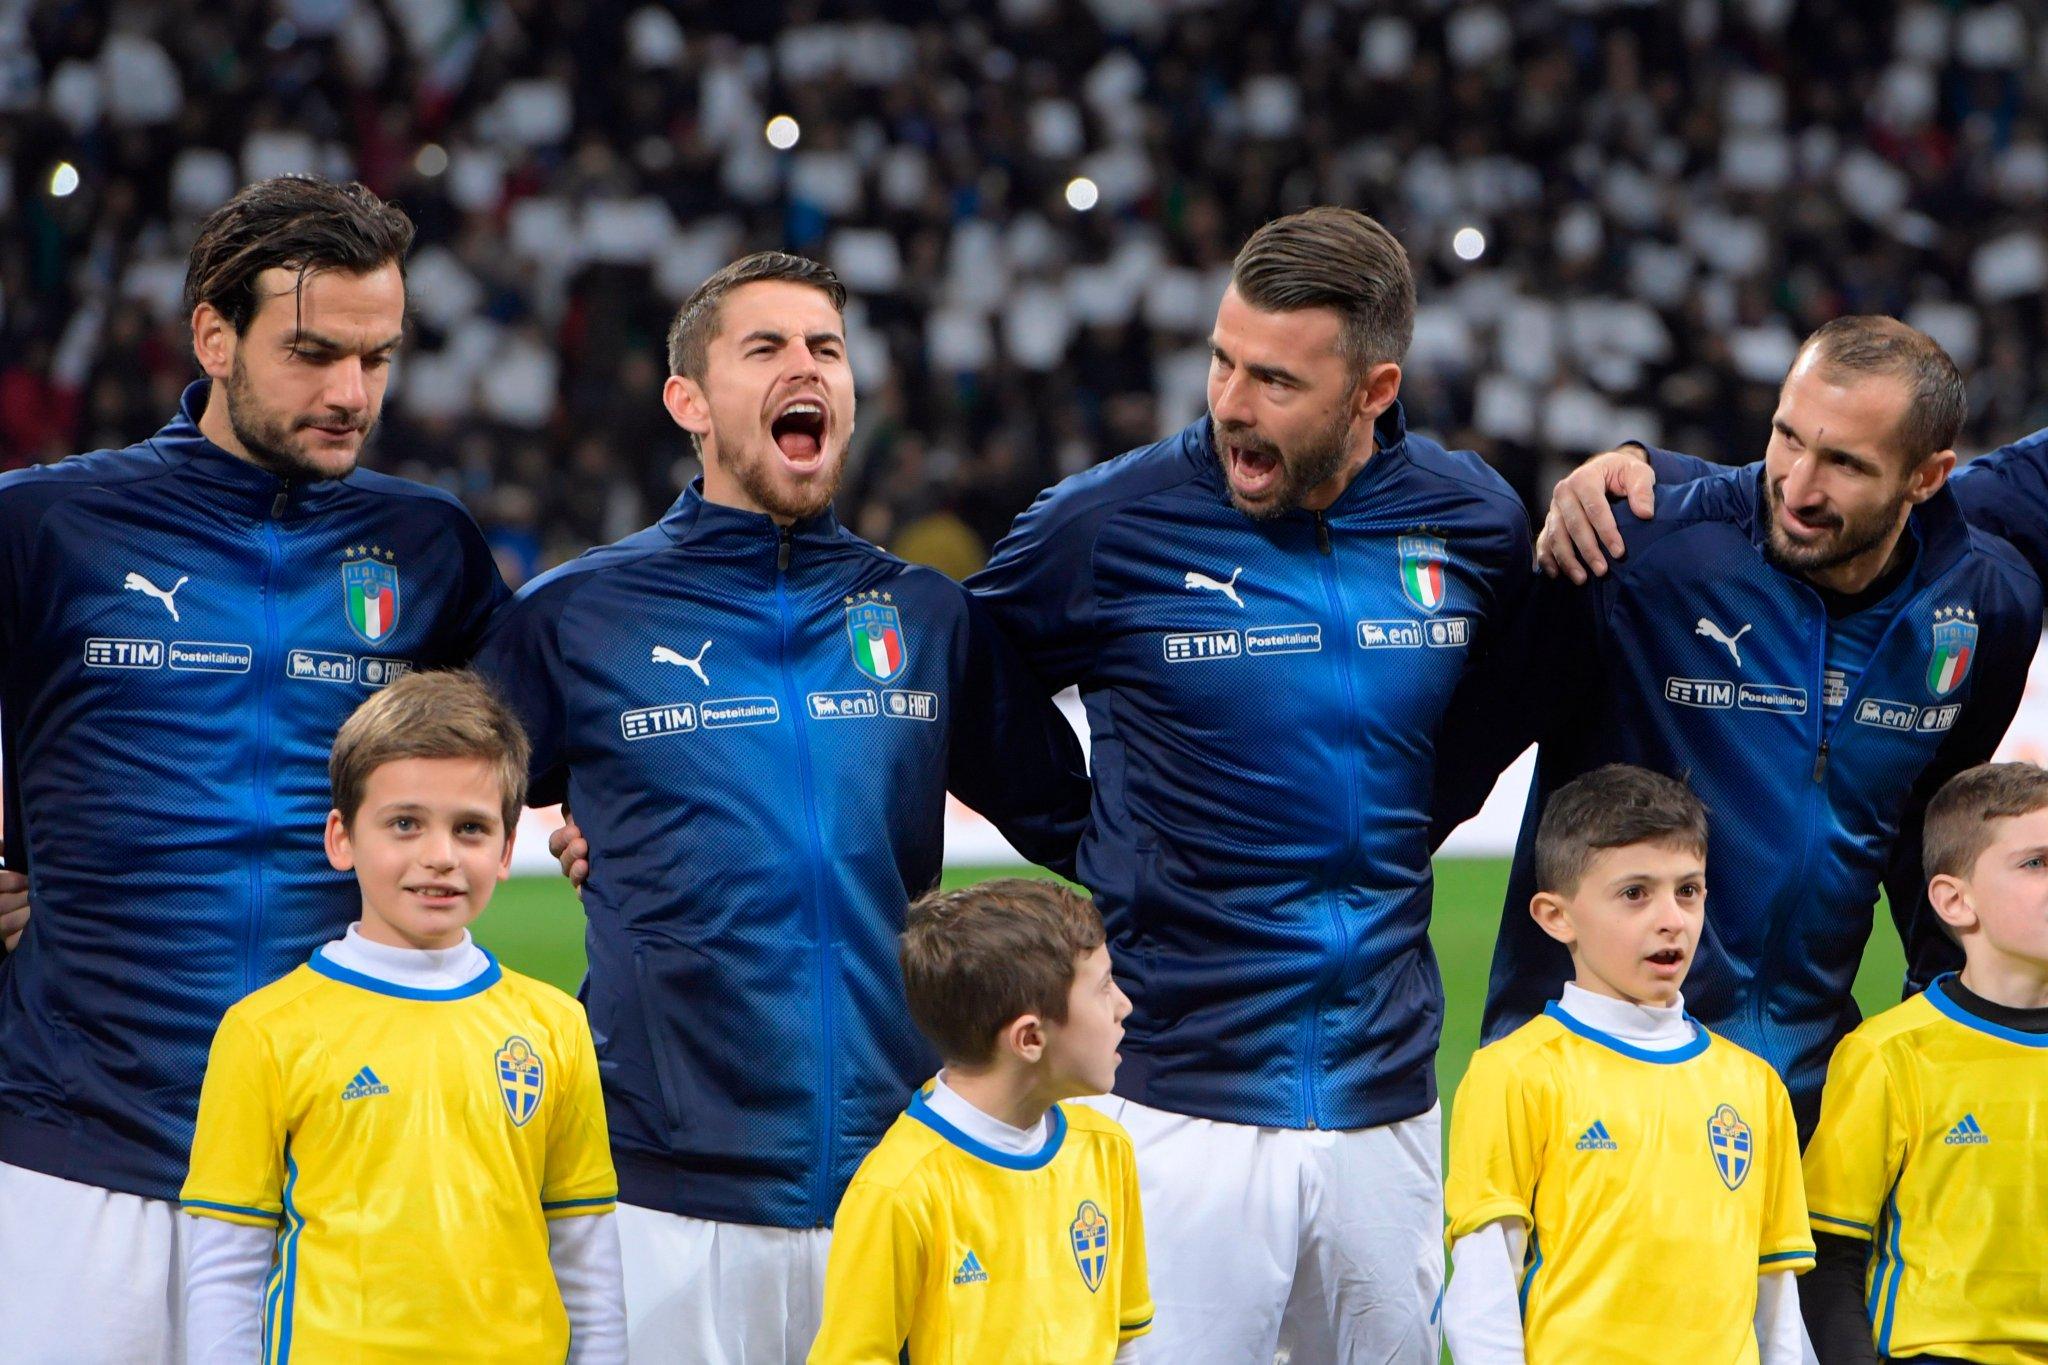 Jorginho (segundo da esquerda para a direita) estreia pela seleção da Itália (Foto: Reprodução/Twitter oficial das Eliminatórias da UEFA para a Copa do Mundo)